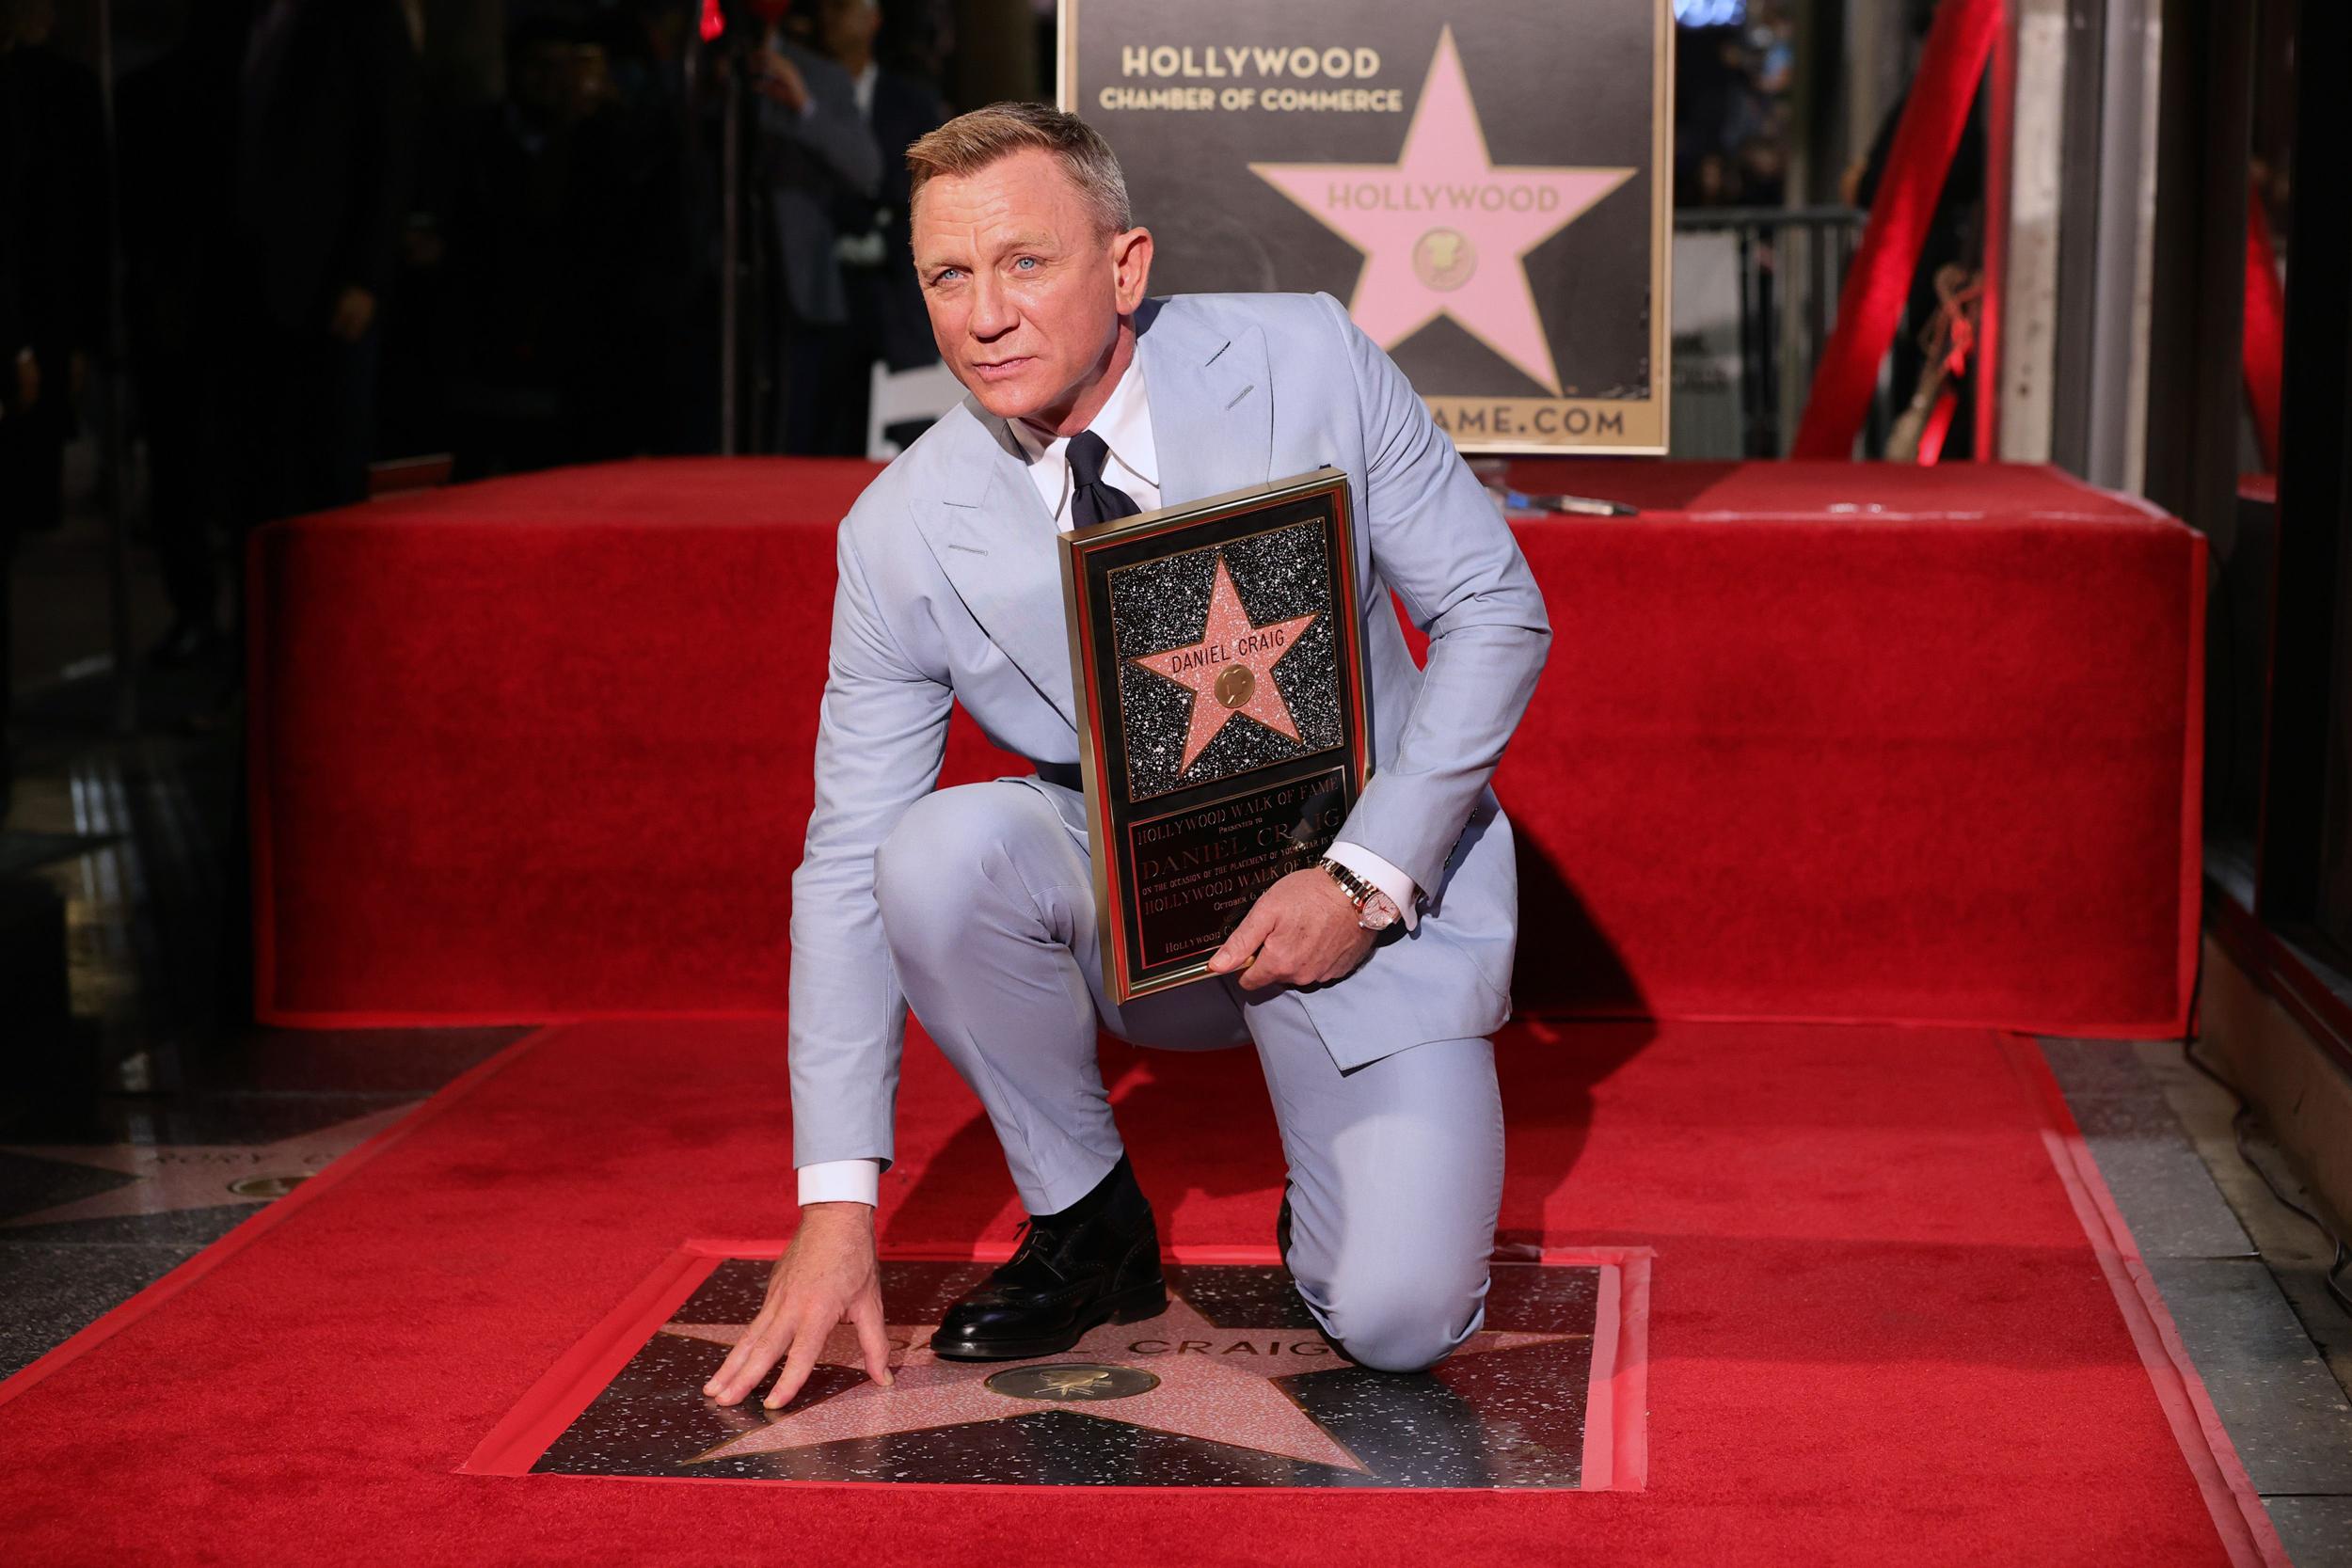 James Bond actor Daniel Craig gets star on Hollywood Walk of Fame